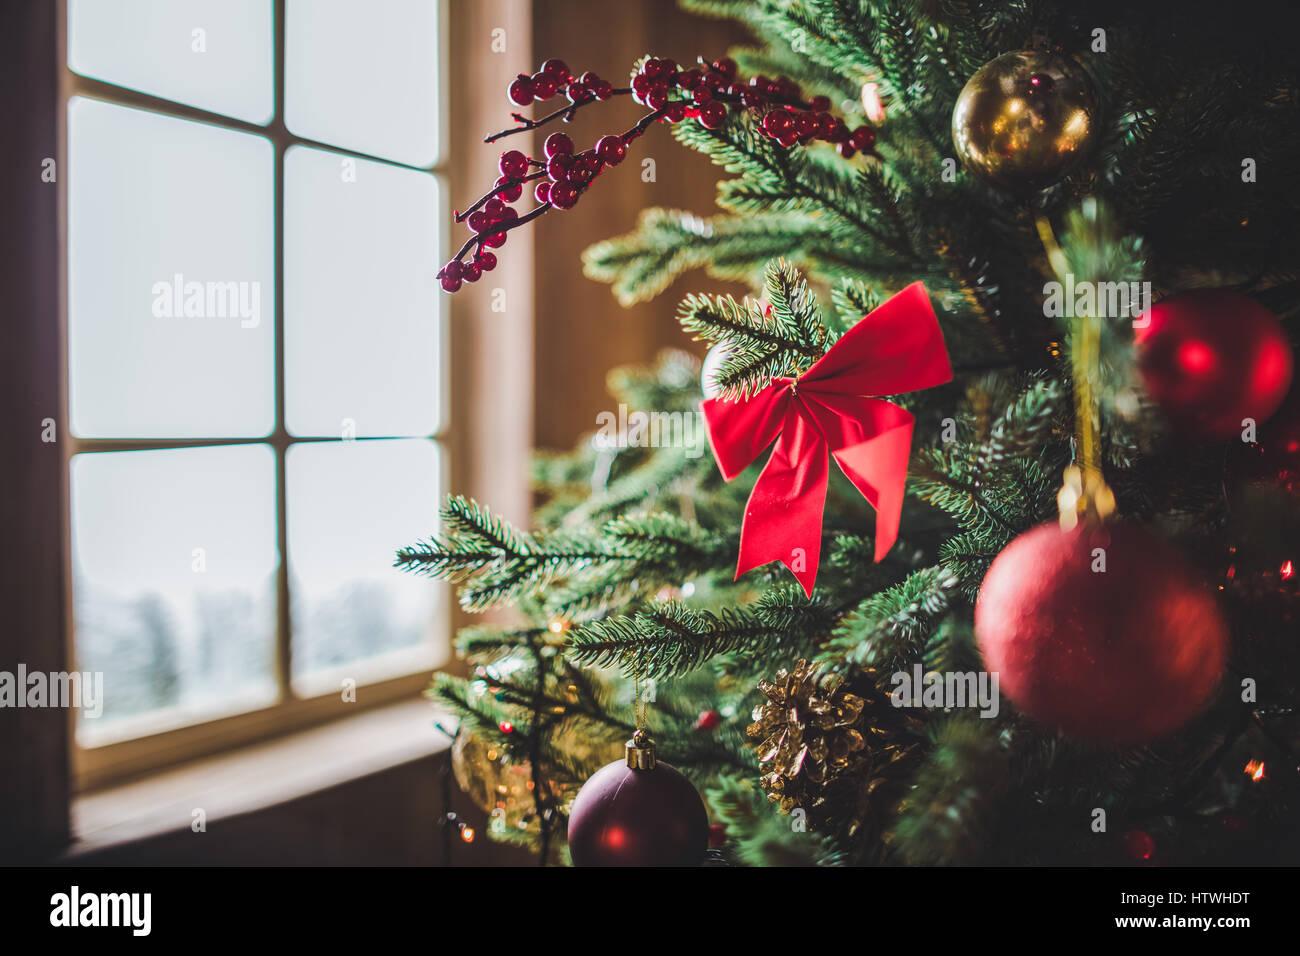 Nahaufnahme der Dekoration am Weihnachtsbaum Stockbild